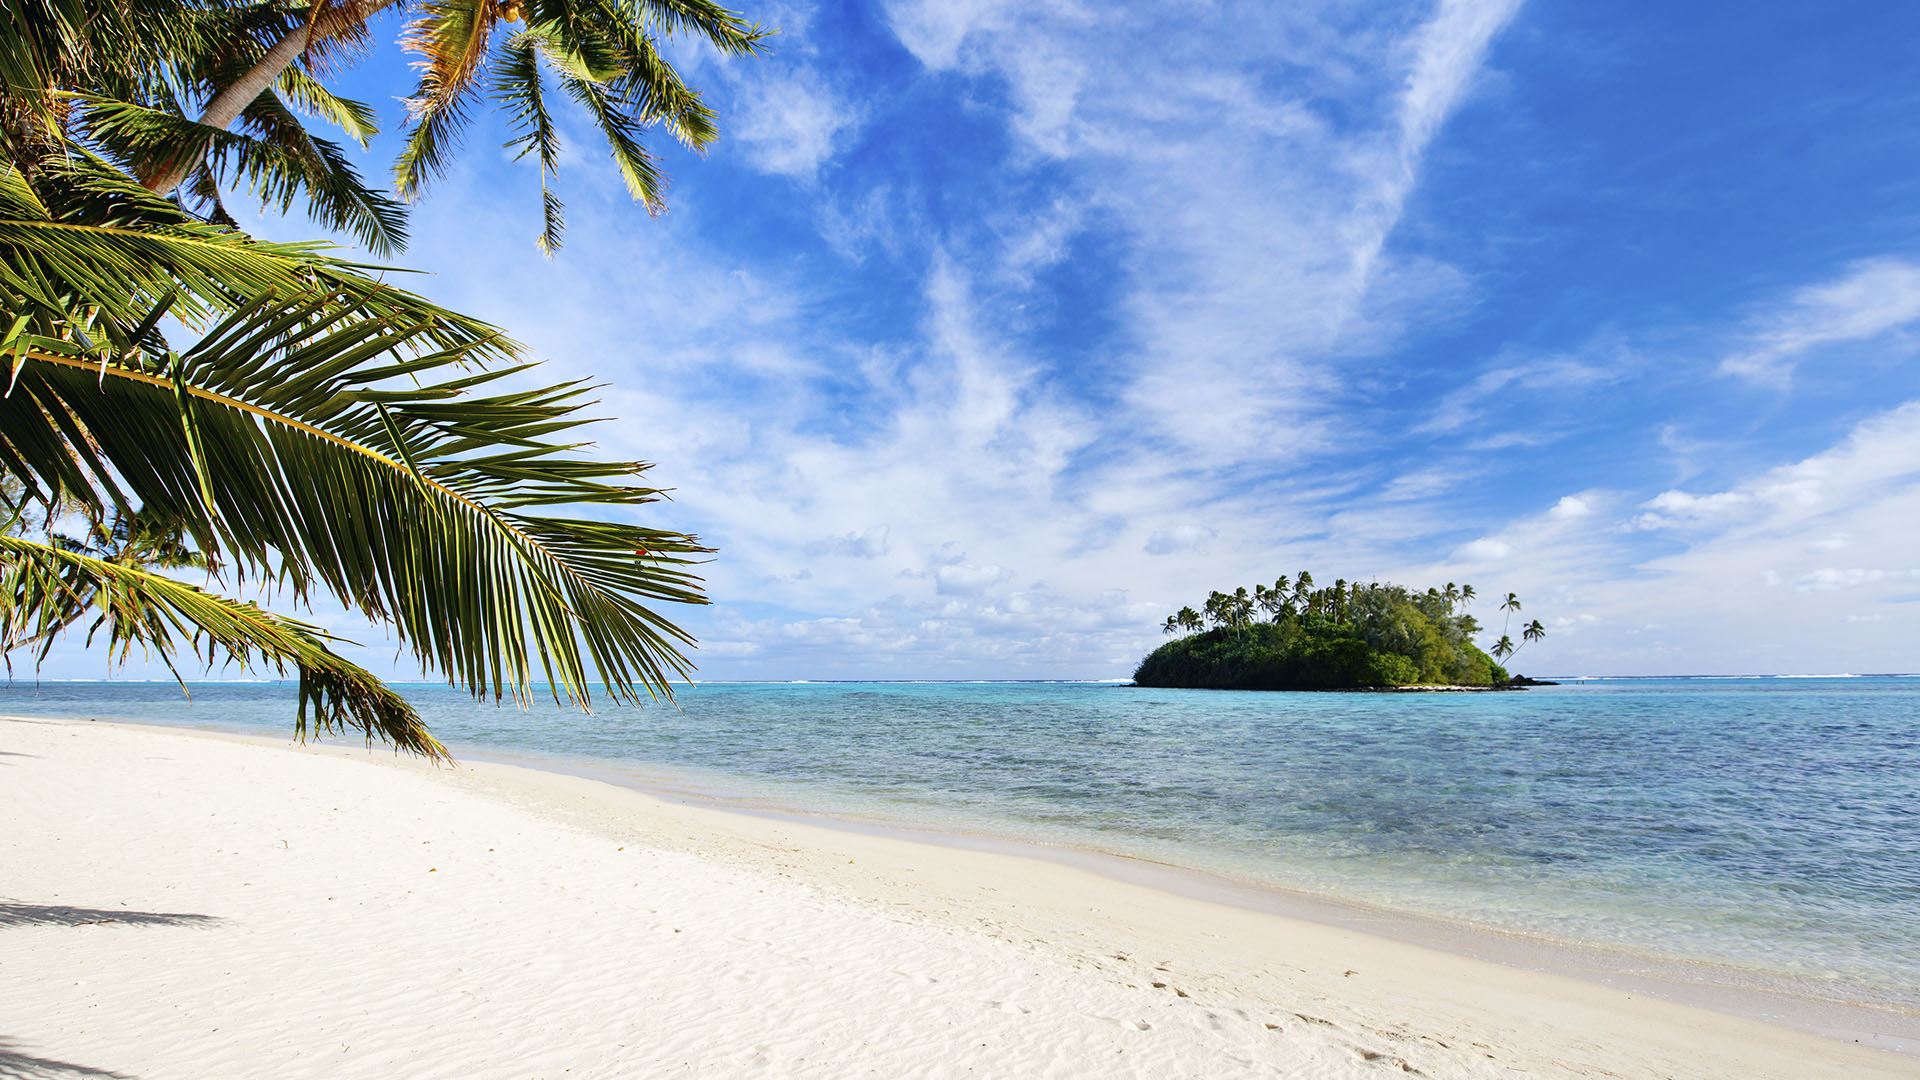 Playas_0008_Muri-Beach-en-Rarotonga